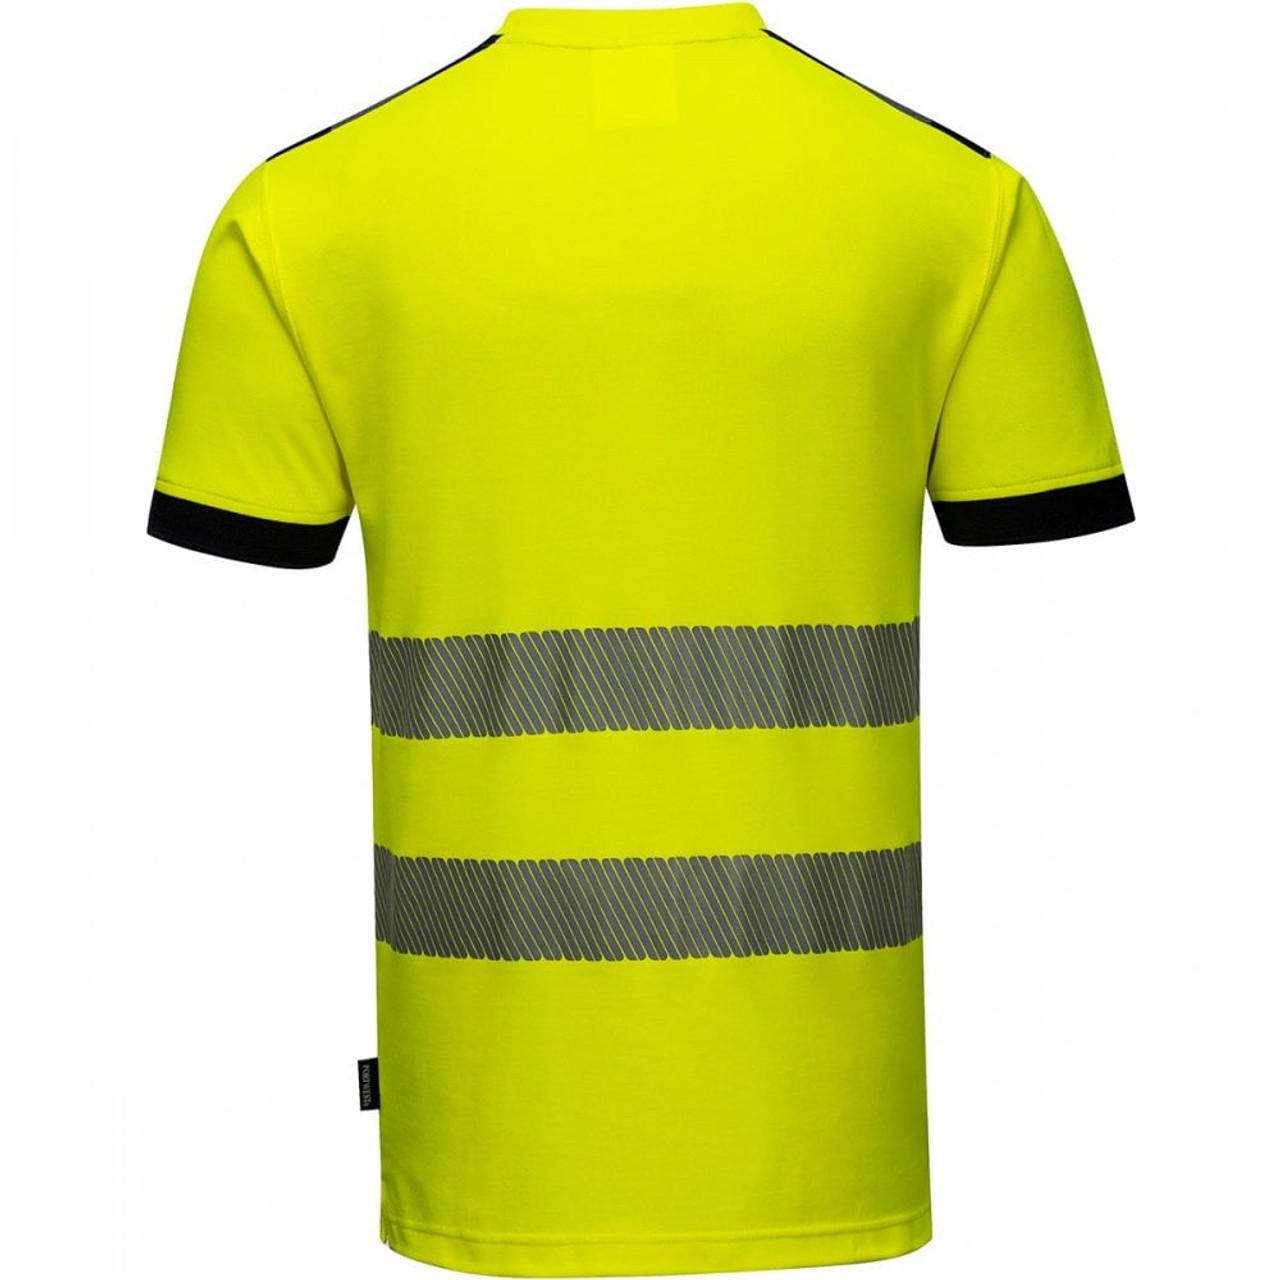 Portwest T181 PW3 Hi-Vis Short Sleeve Work T-Shirt - Hi-Vis/Navy - BACK